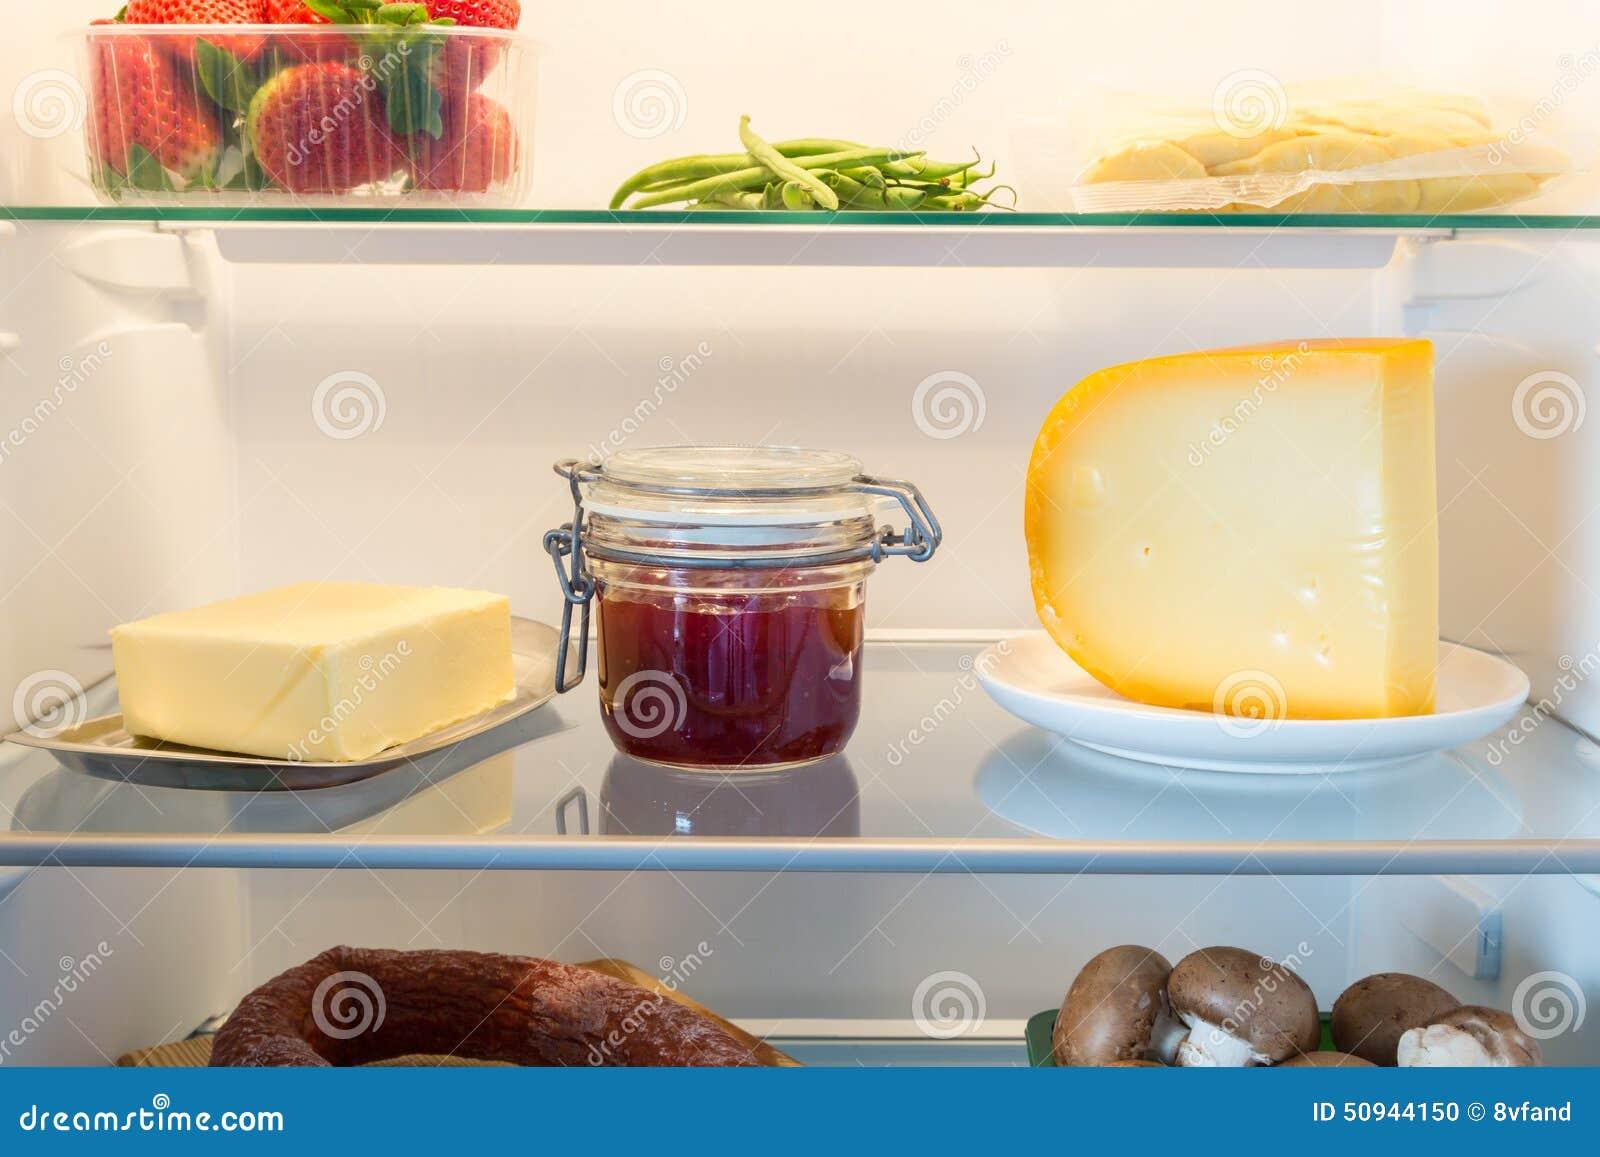 Lebensmittel öffnen